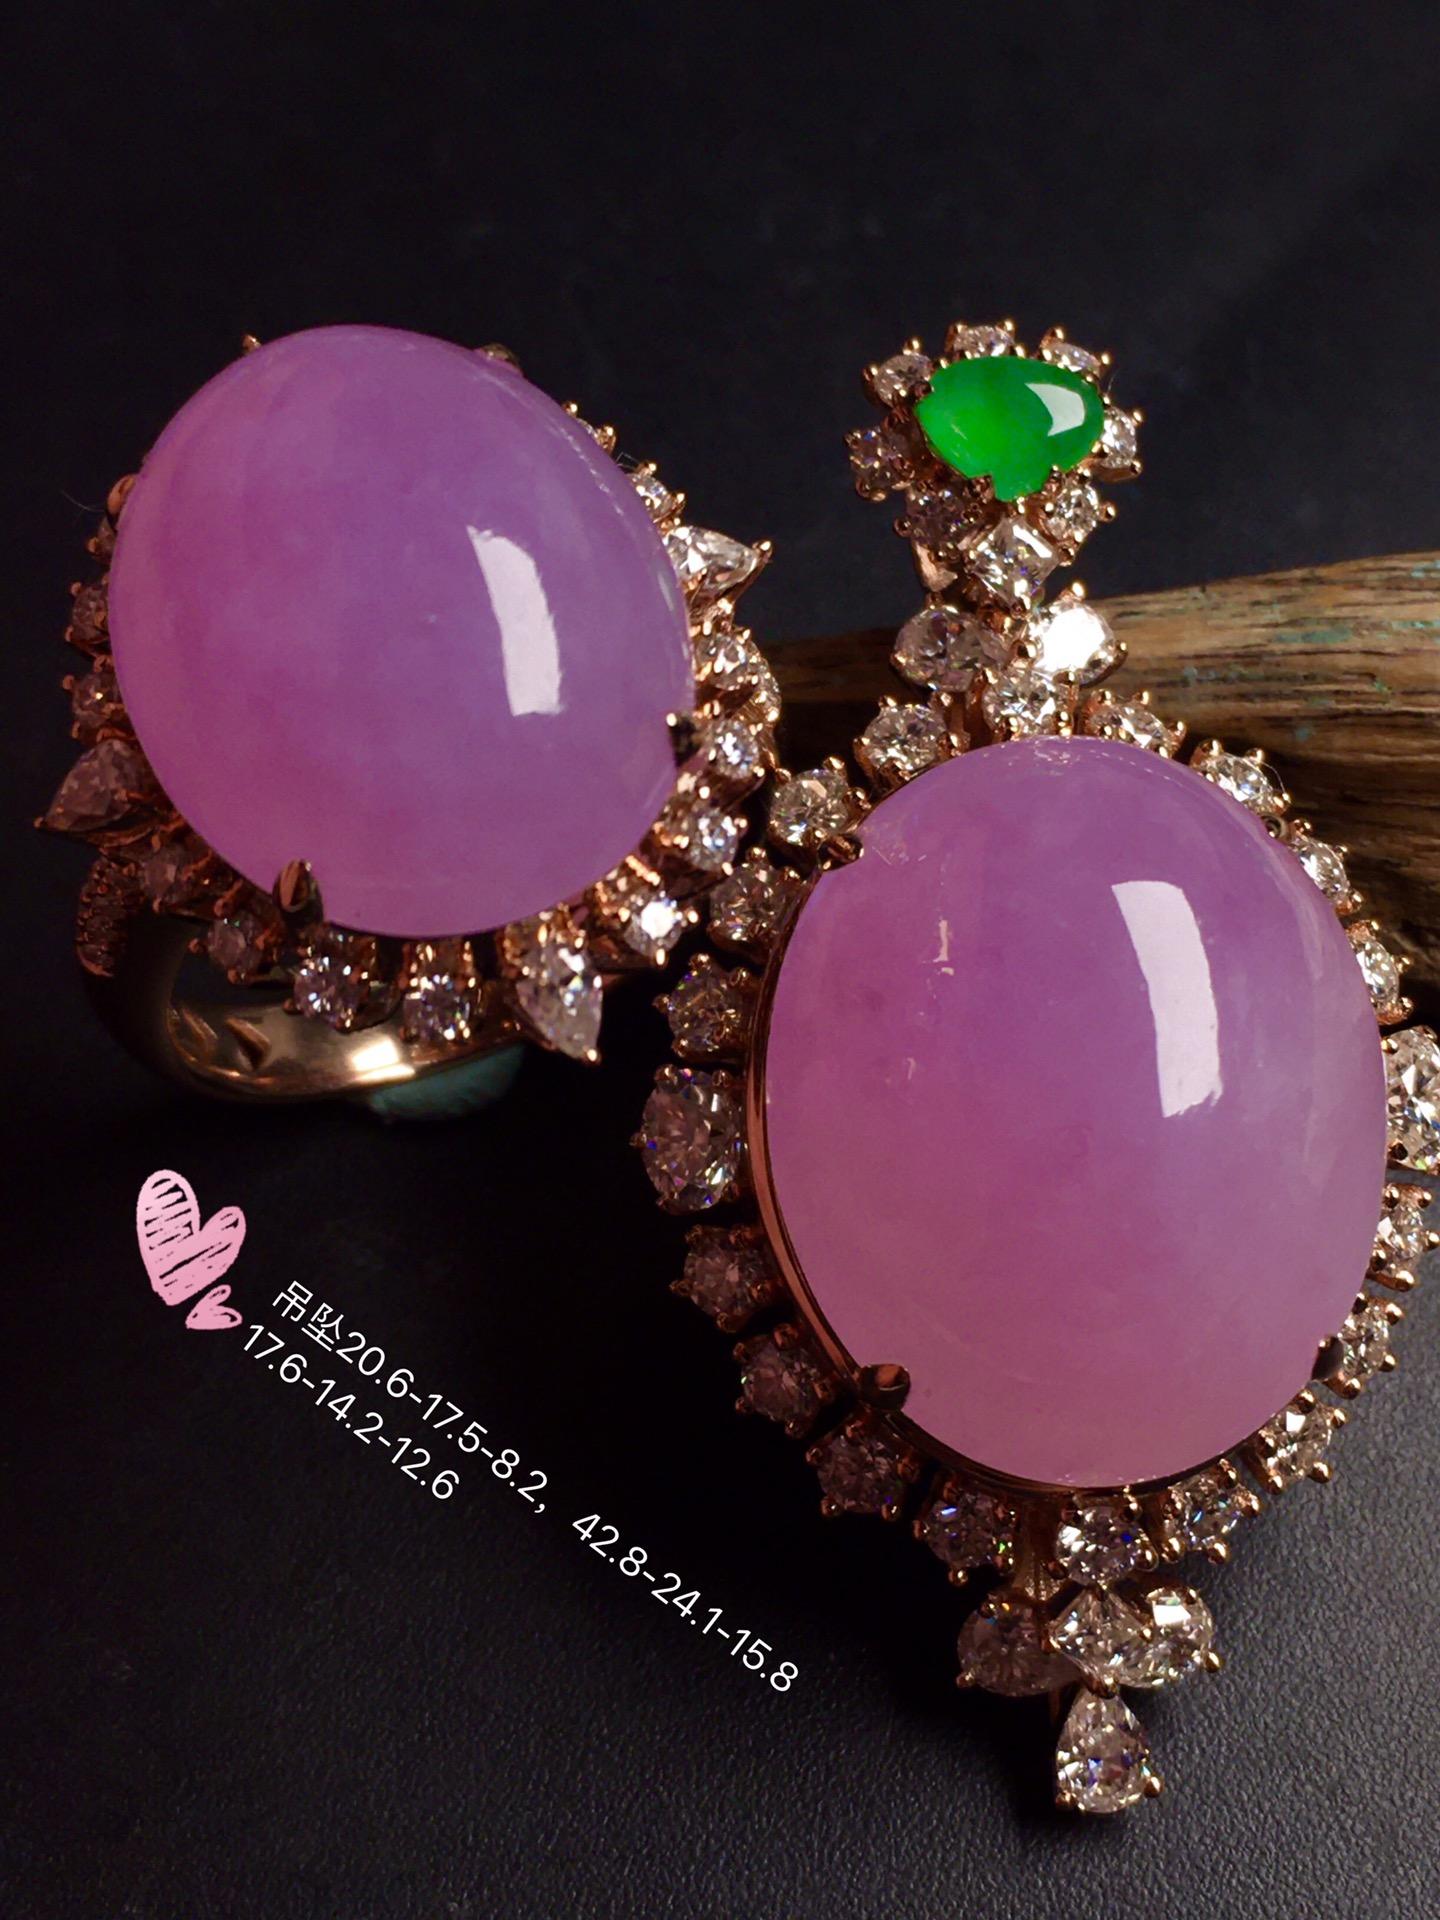 超值,美极了❤【套装,紫罗兰】通透,水润,完美,18k金华奢钻镶石嵌☕第1张